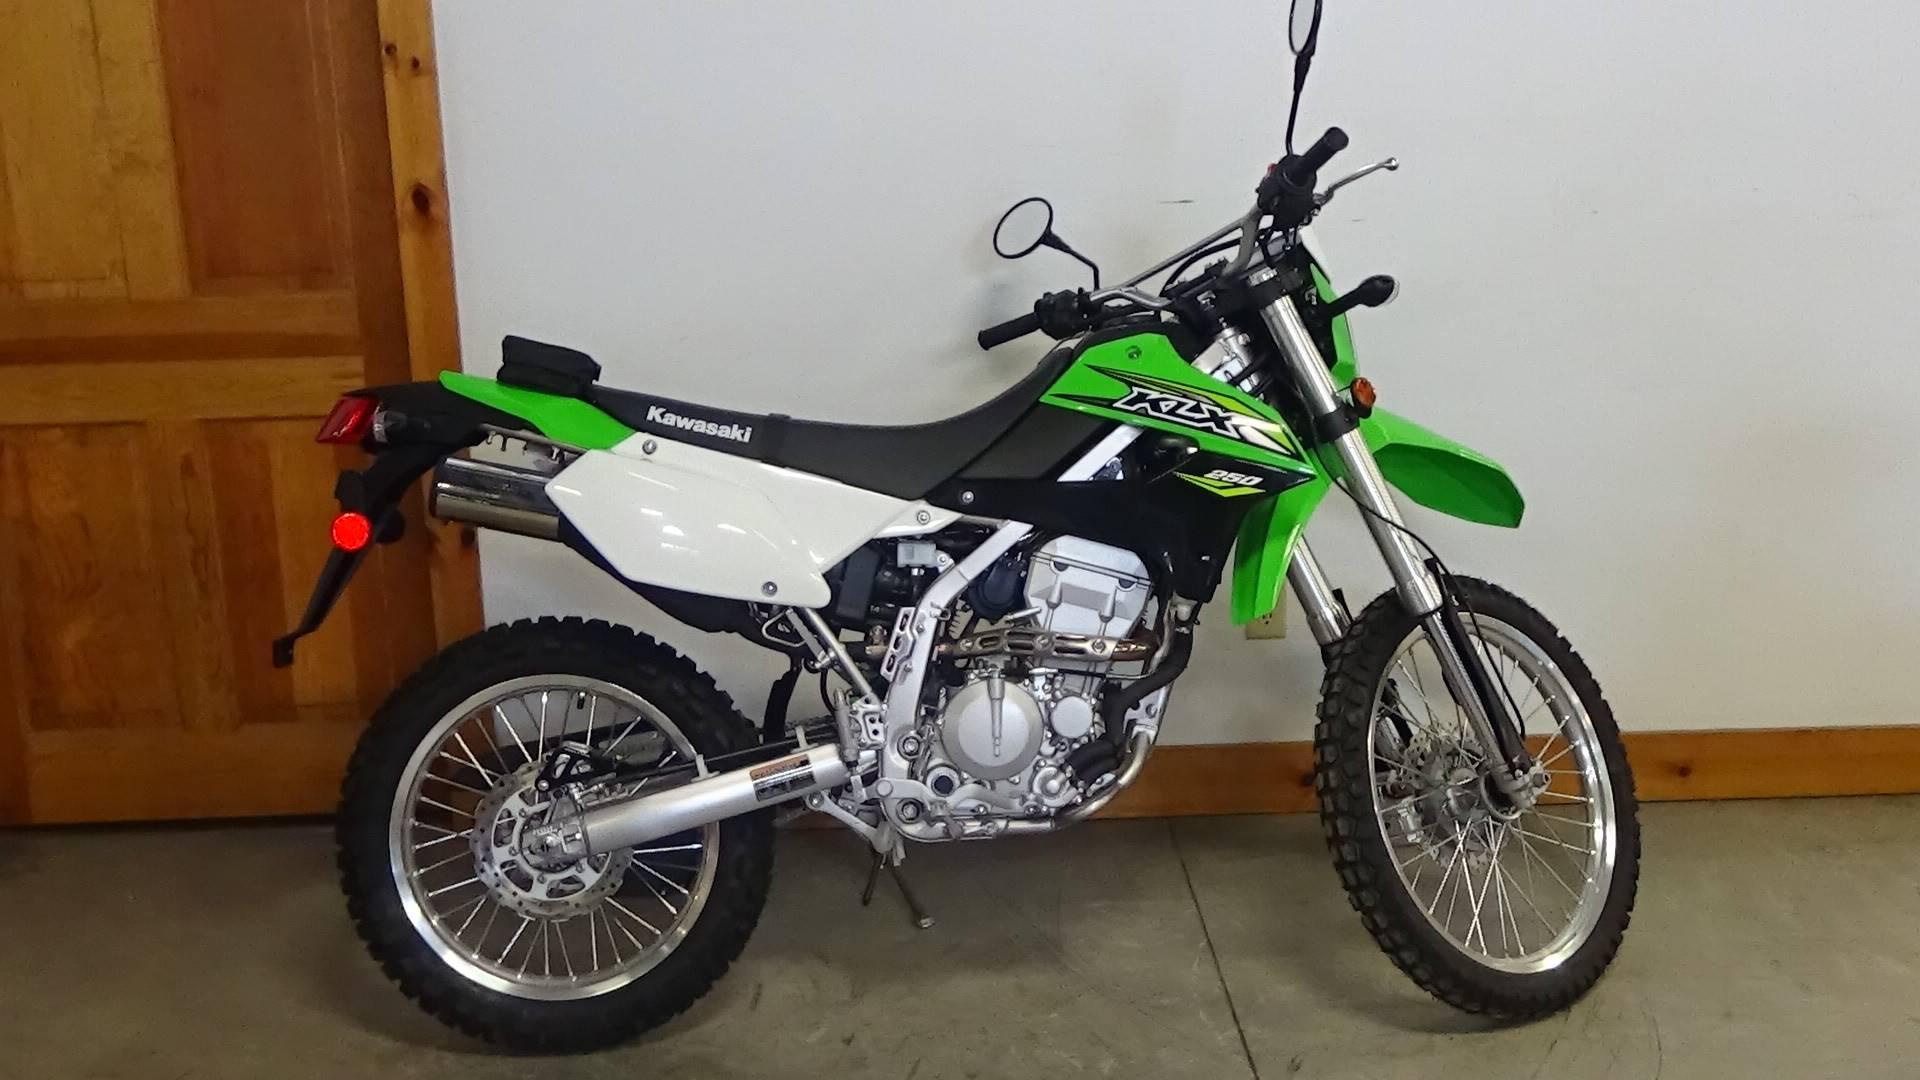 2018 Kawasaki KLX 250 for sale 3054